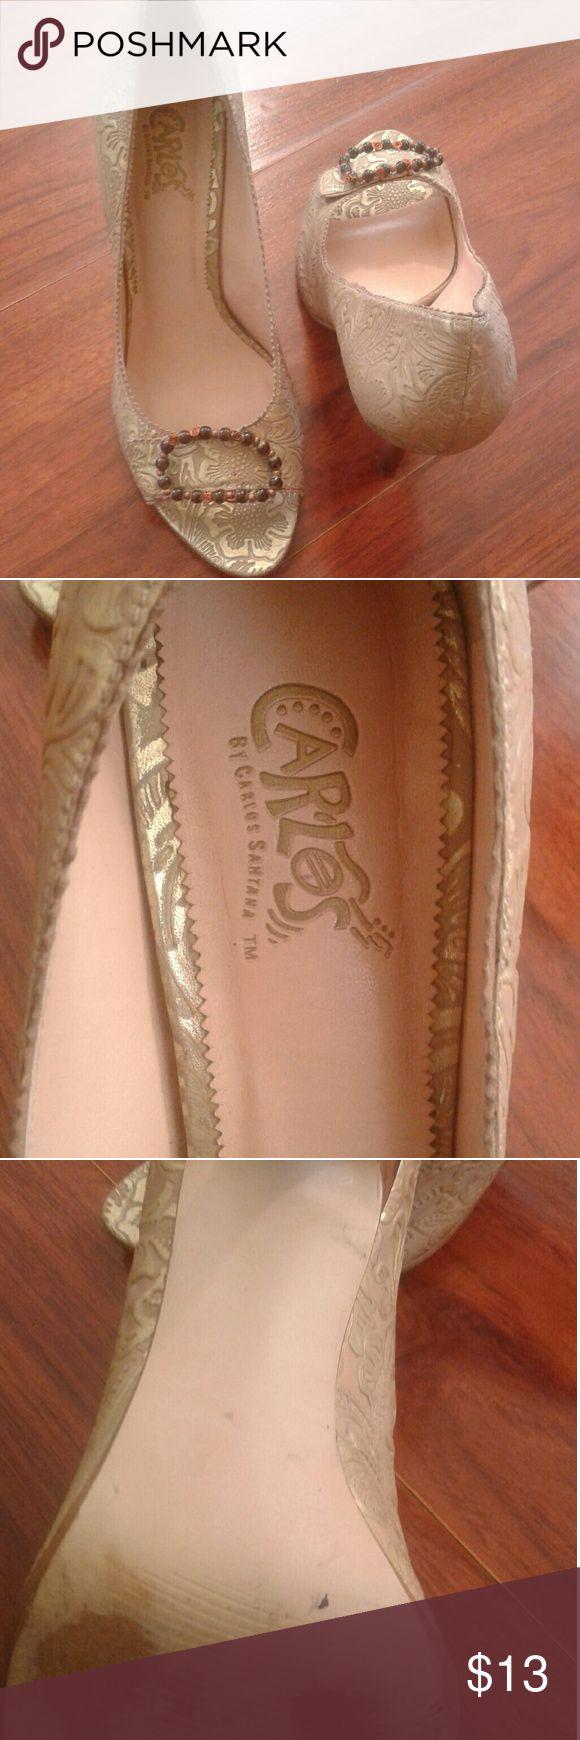 Carlos Santana heels gold color size 8.5 Carlos Santana heels gold color size 8.5, romantic, leather upper, balance man made, made in brazil Carlos Santana Shoes Heels